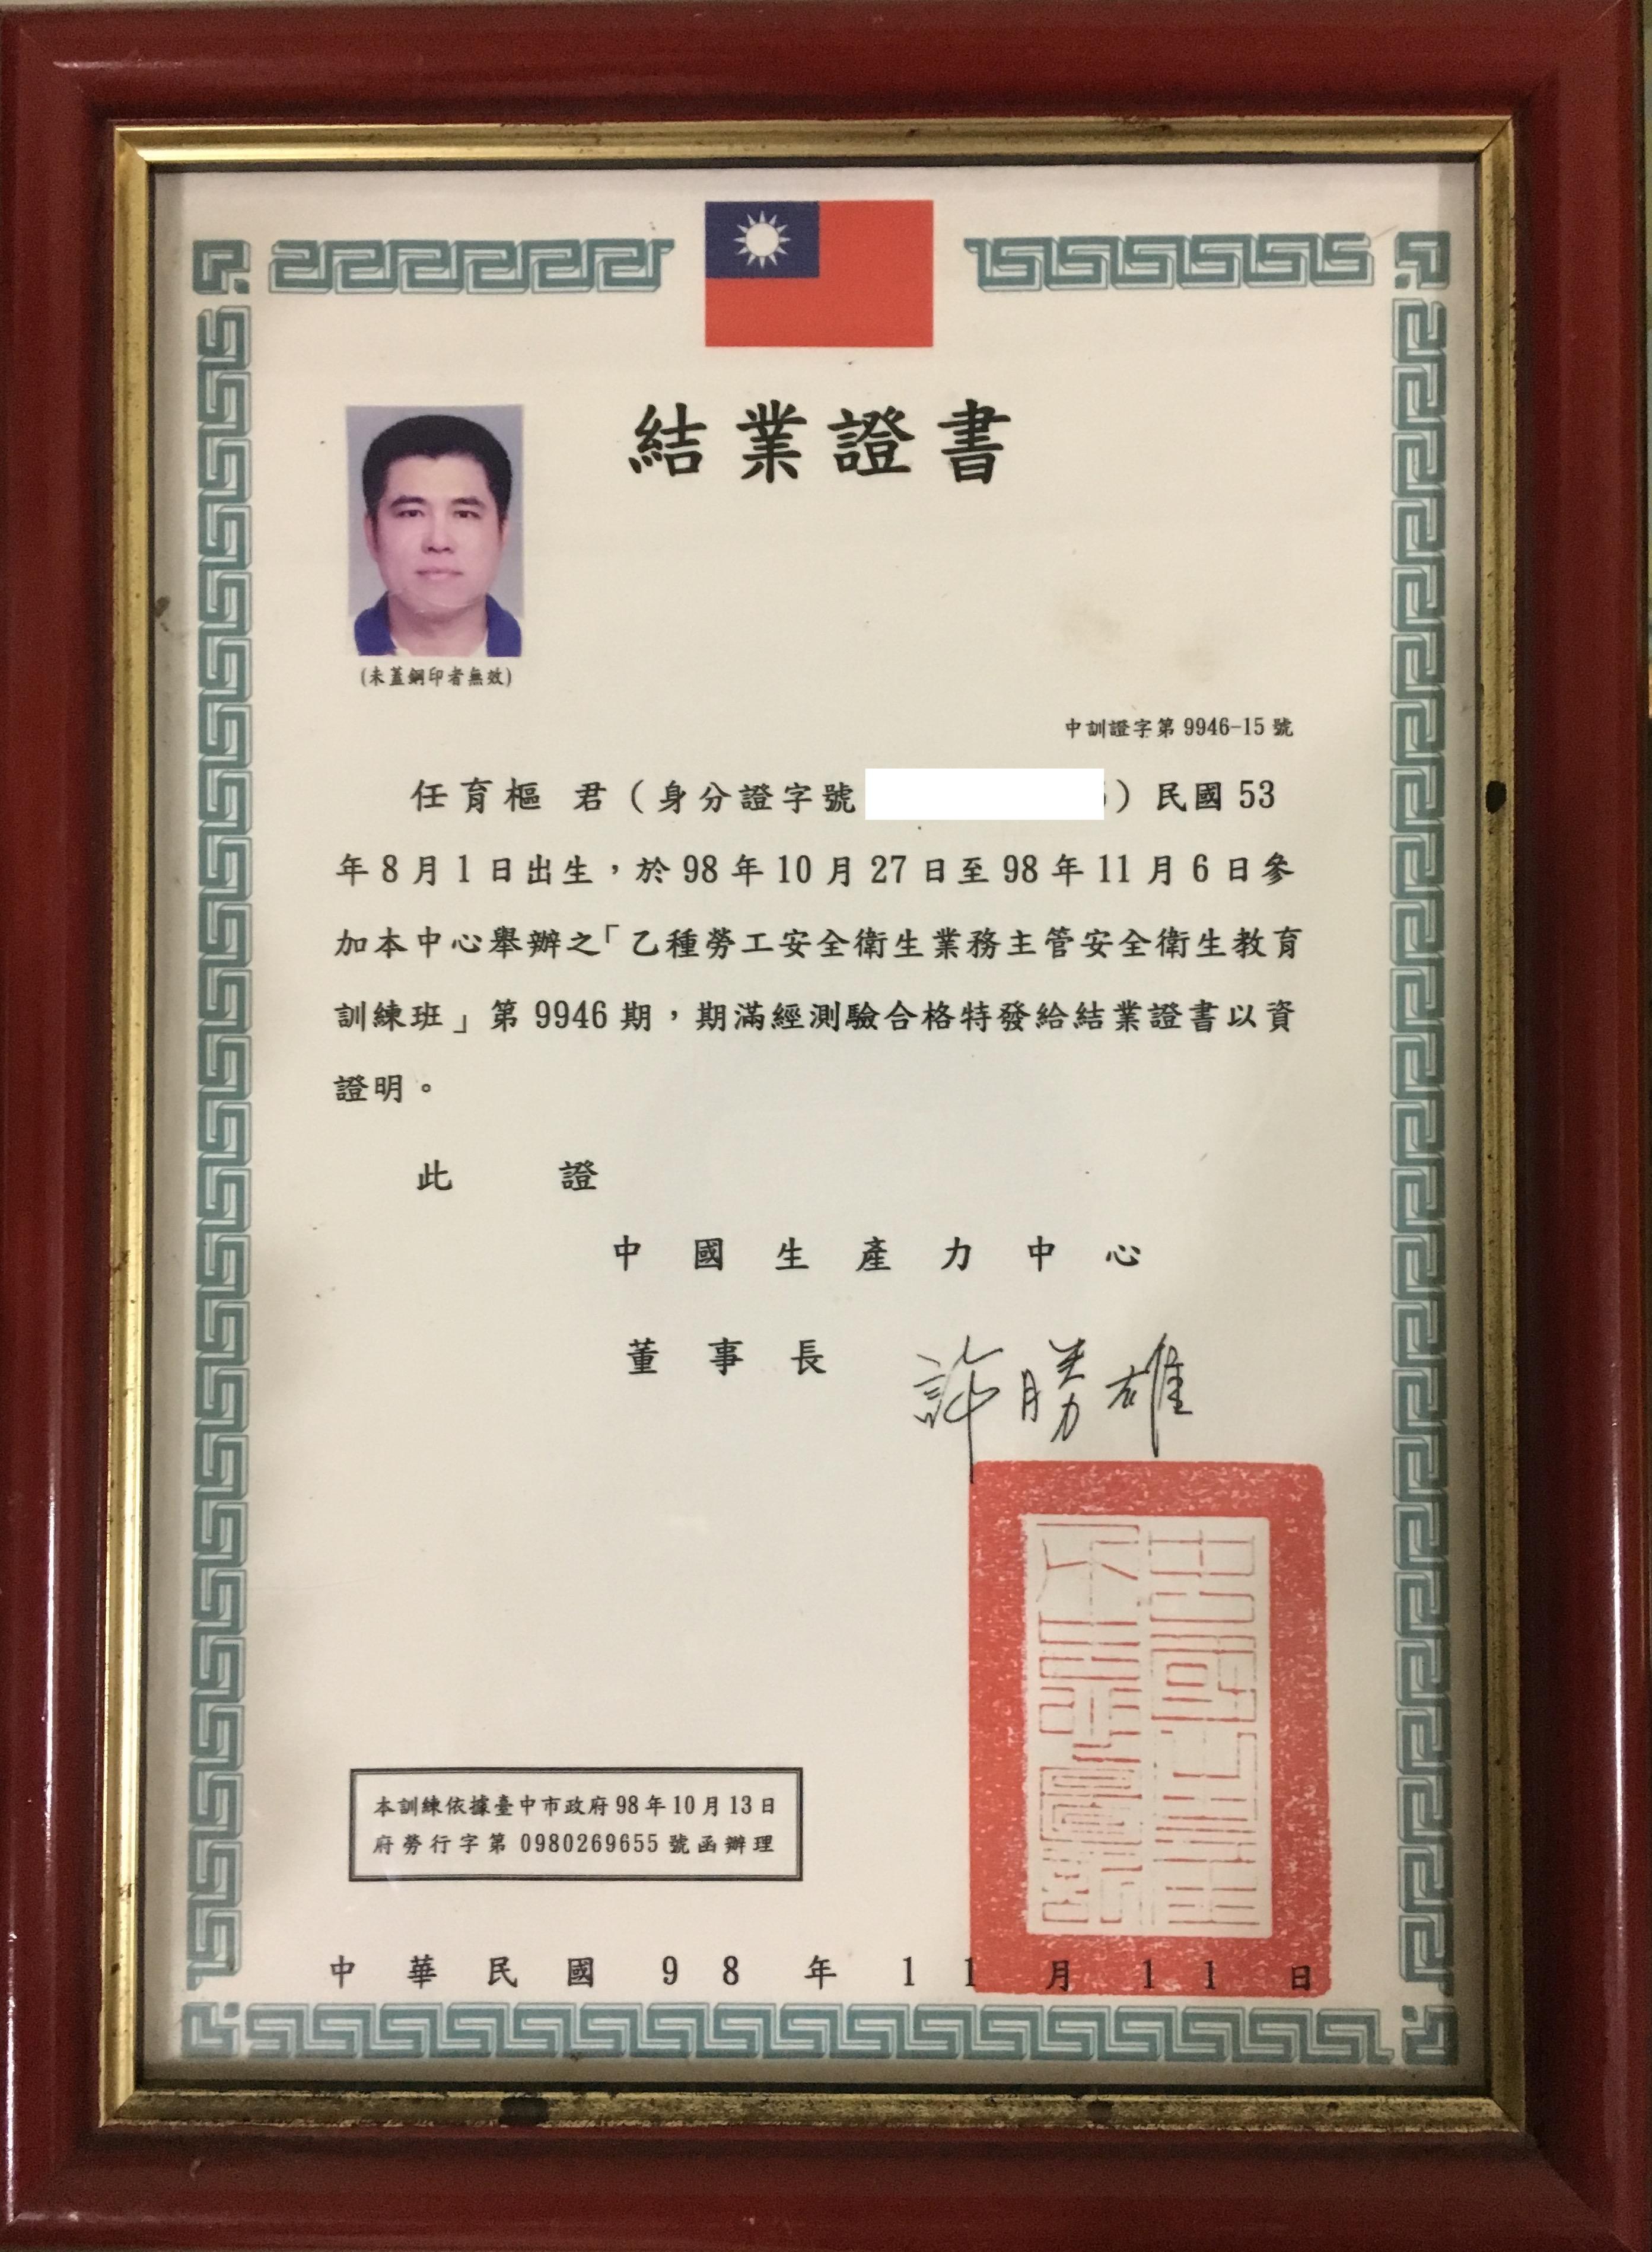 乙種勞工安全衛生業務主管安全衛生教育訓練班結業證書.JPG